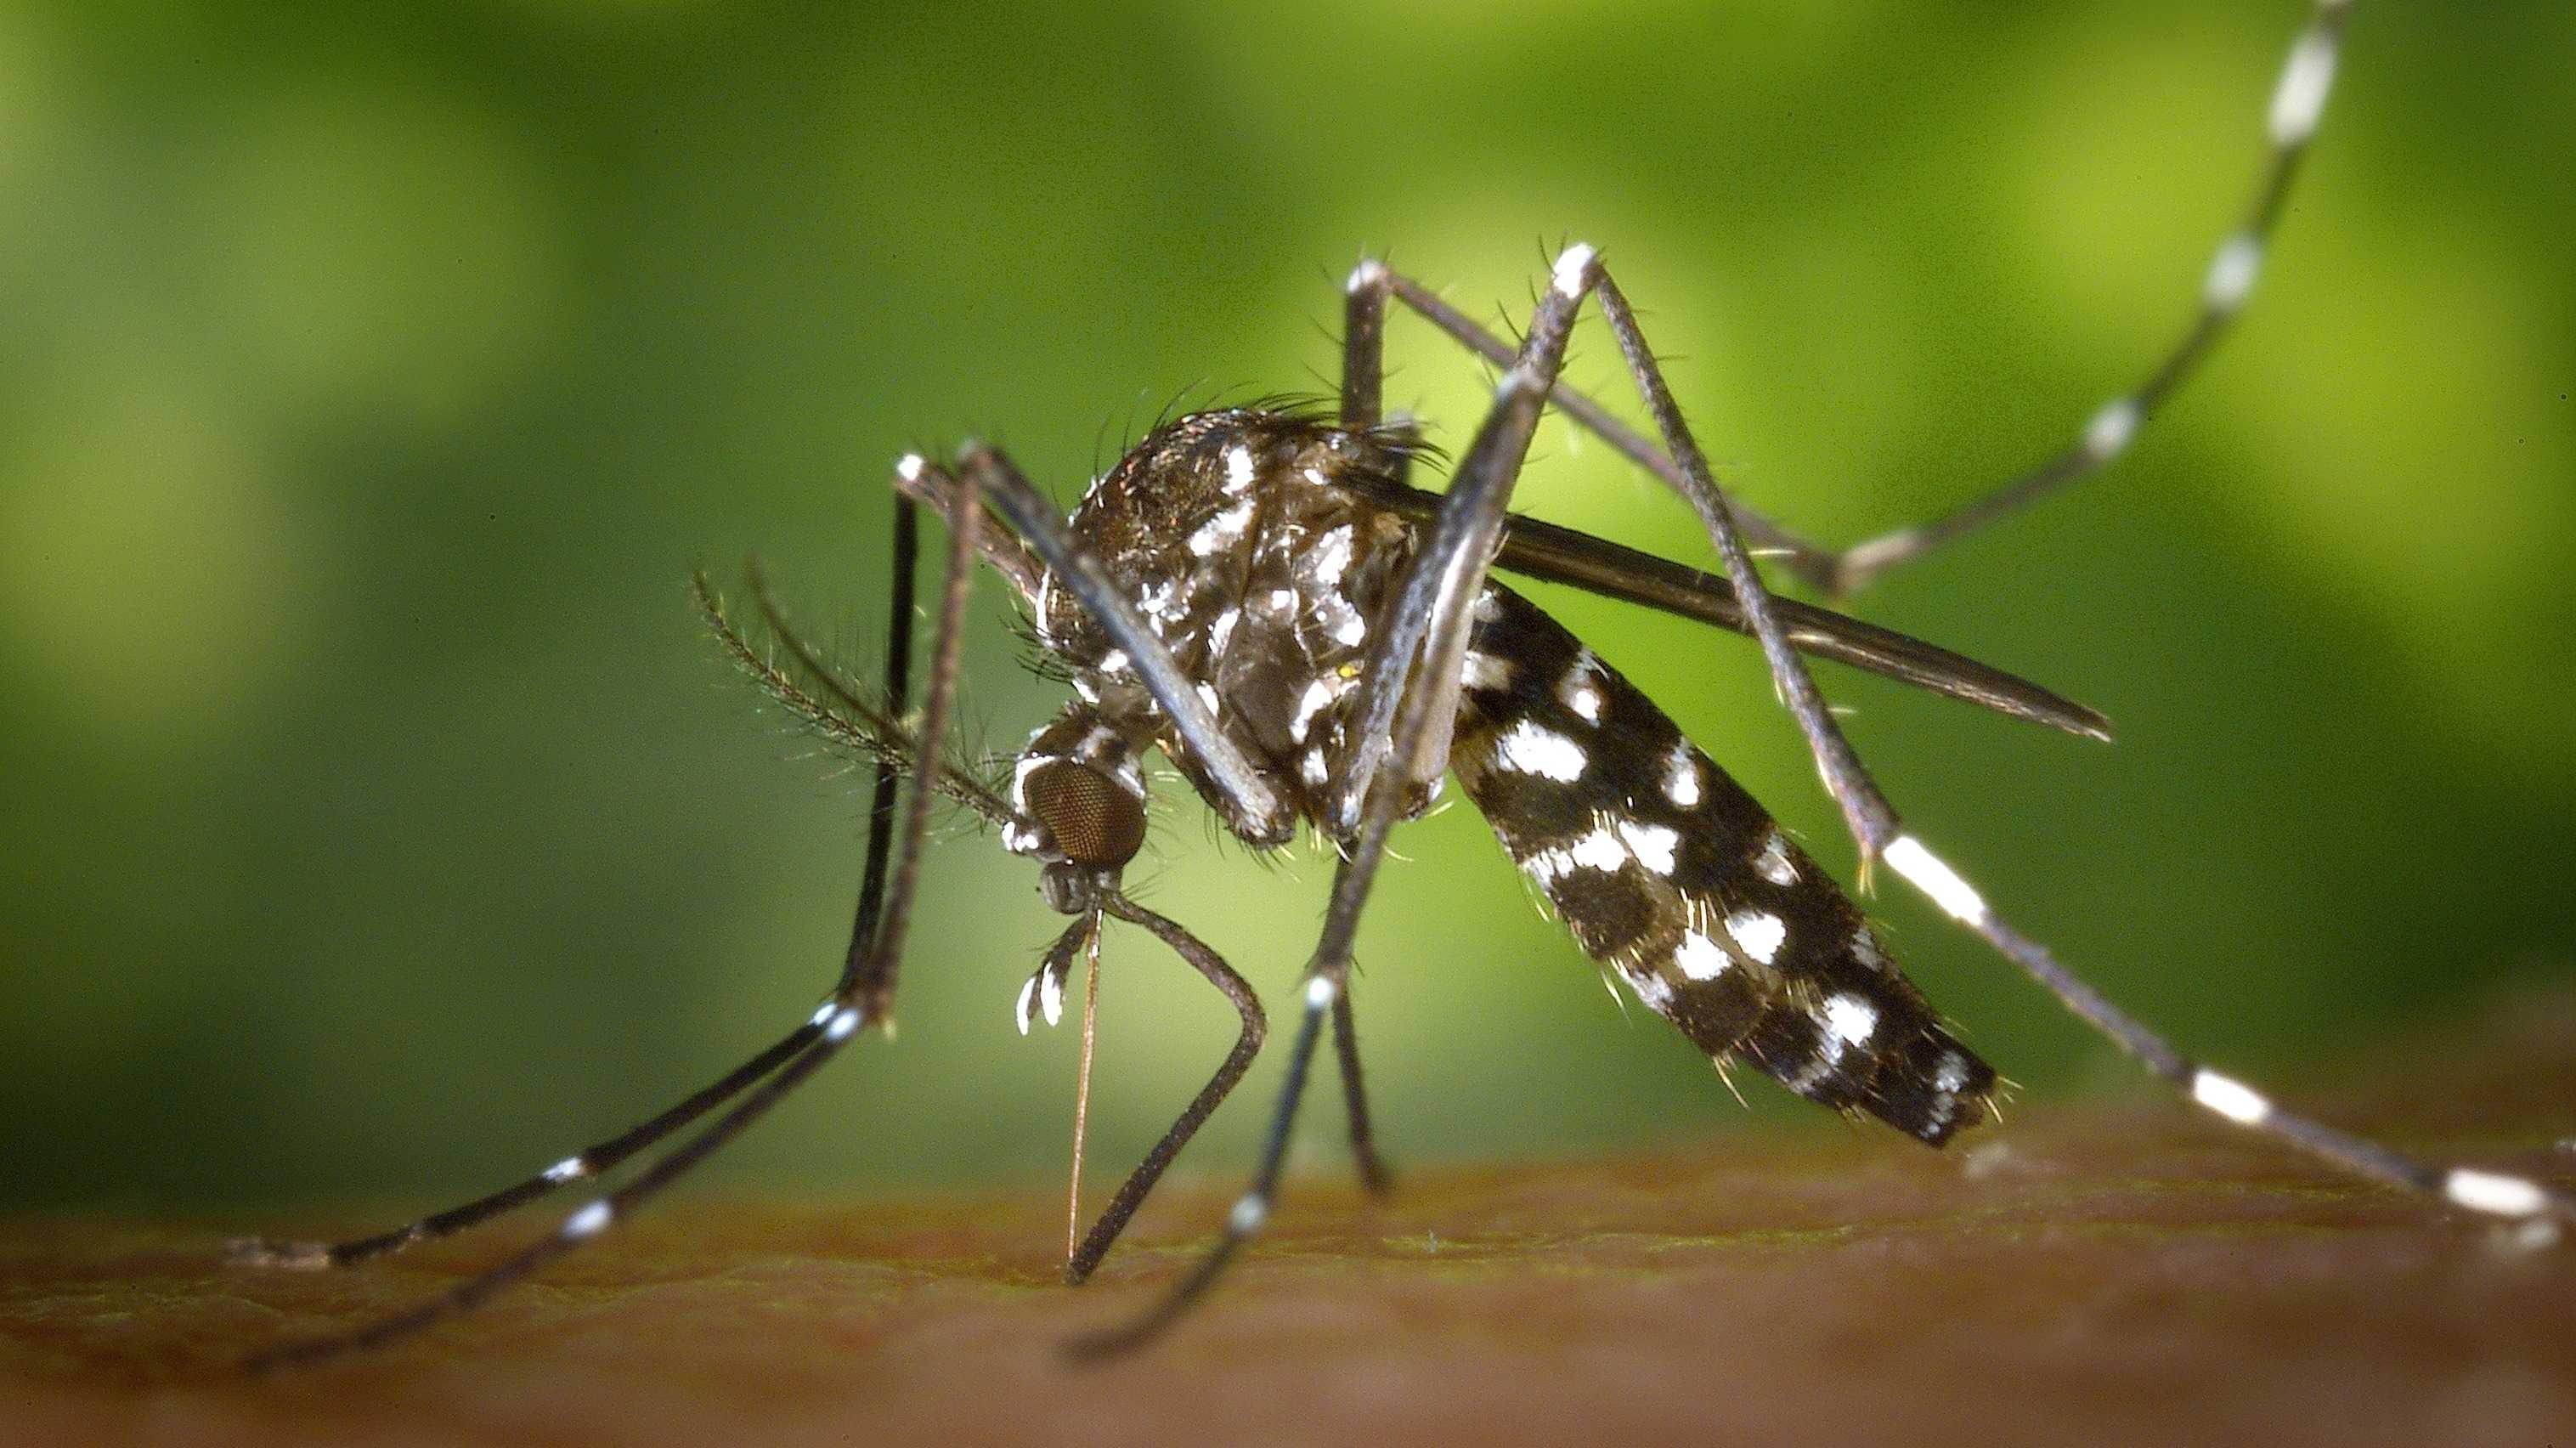 Sterile Männchen reduzieren Tigermücken-Population